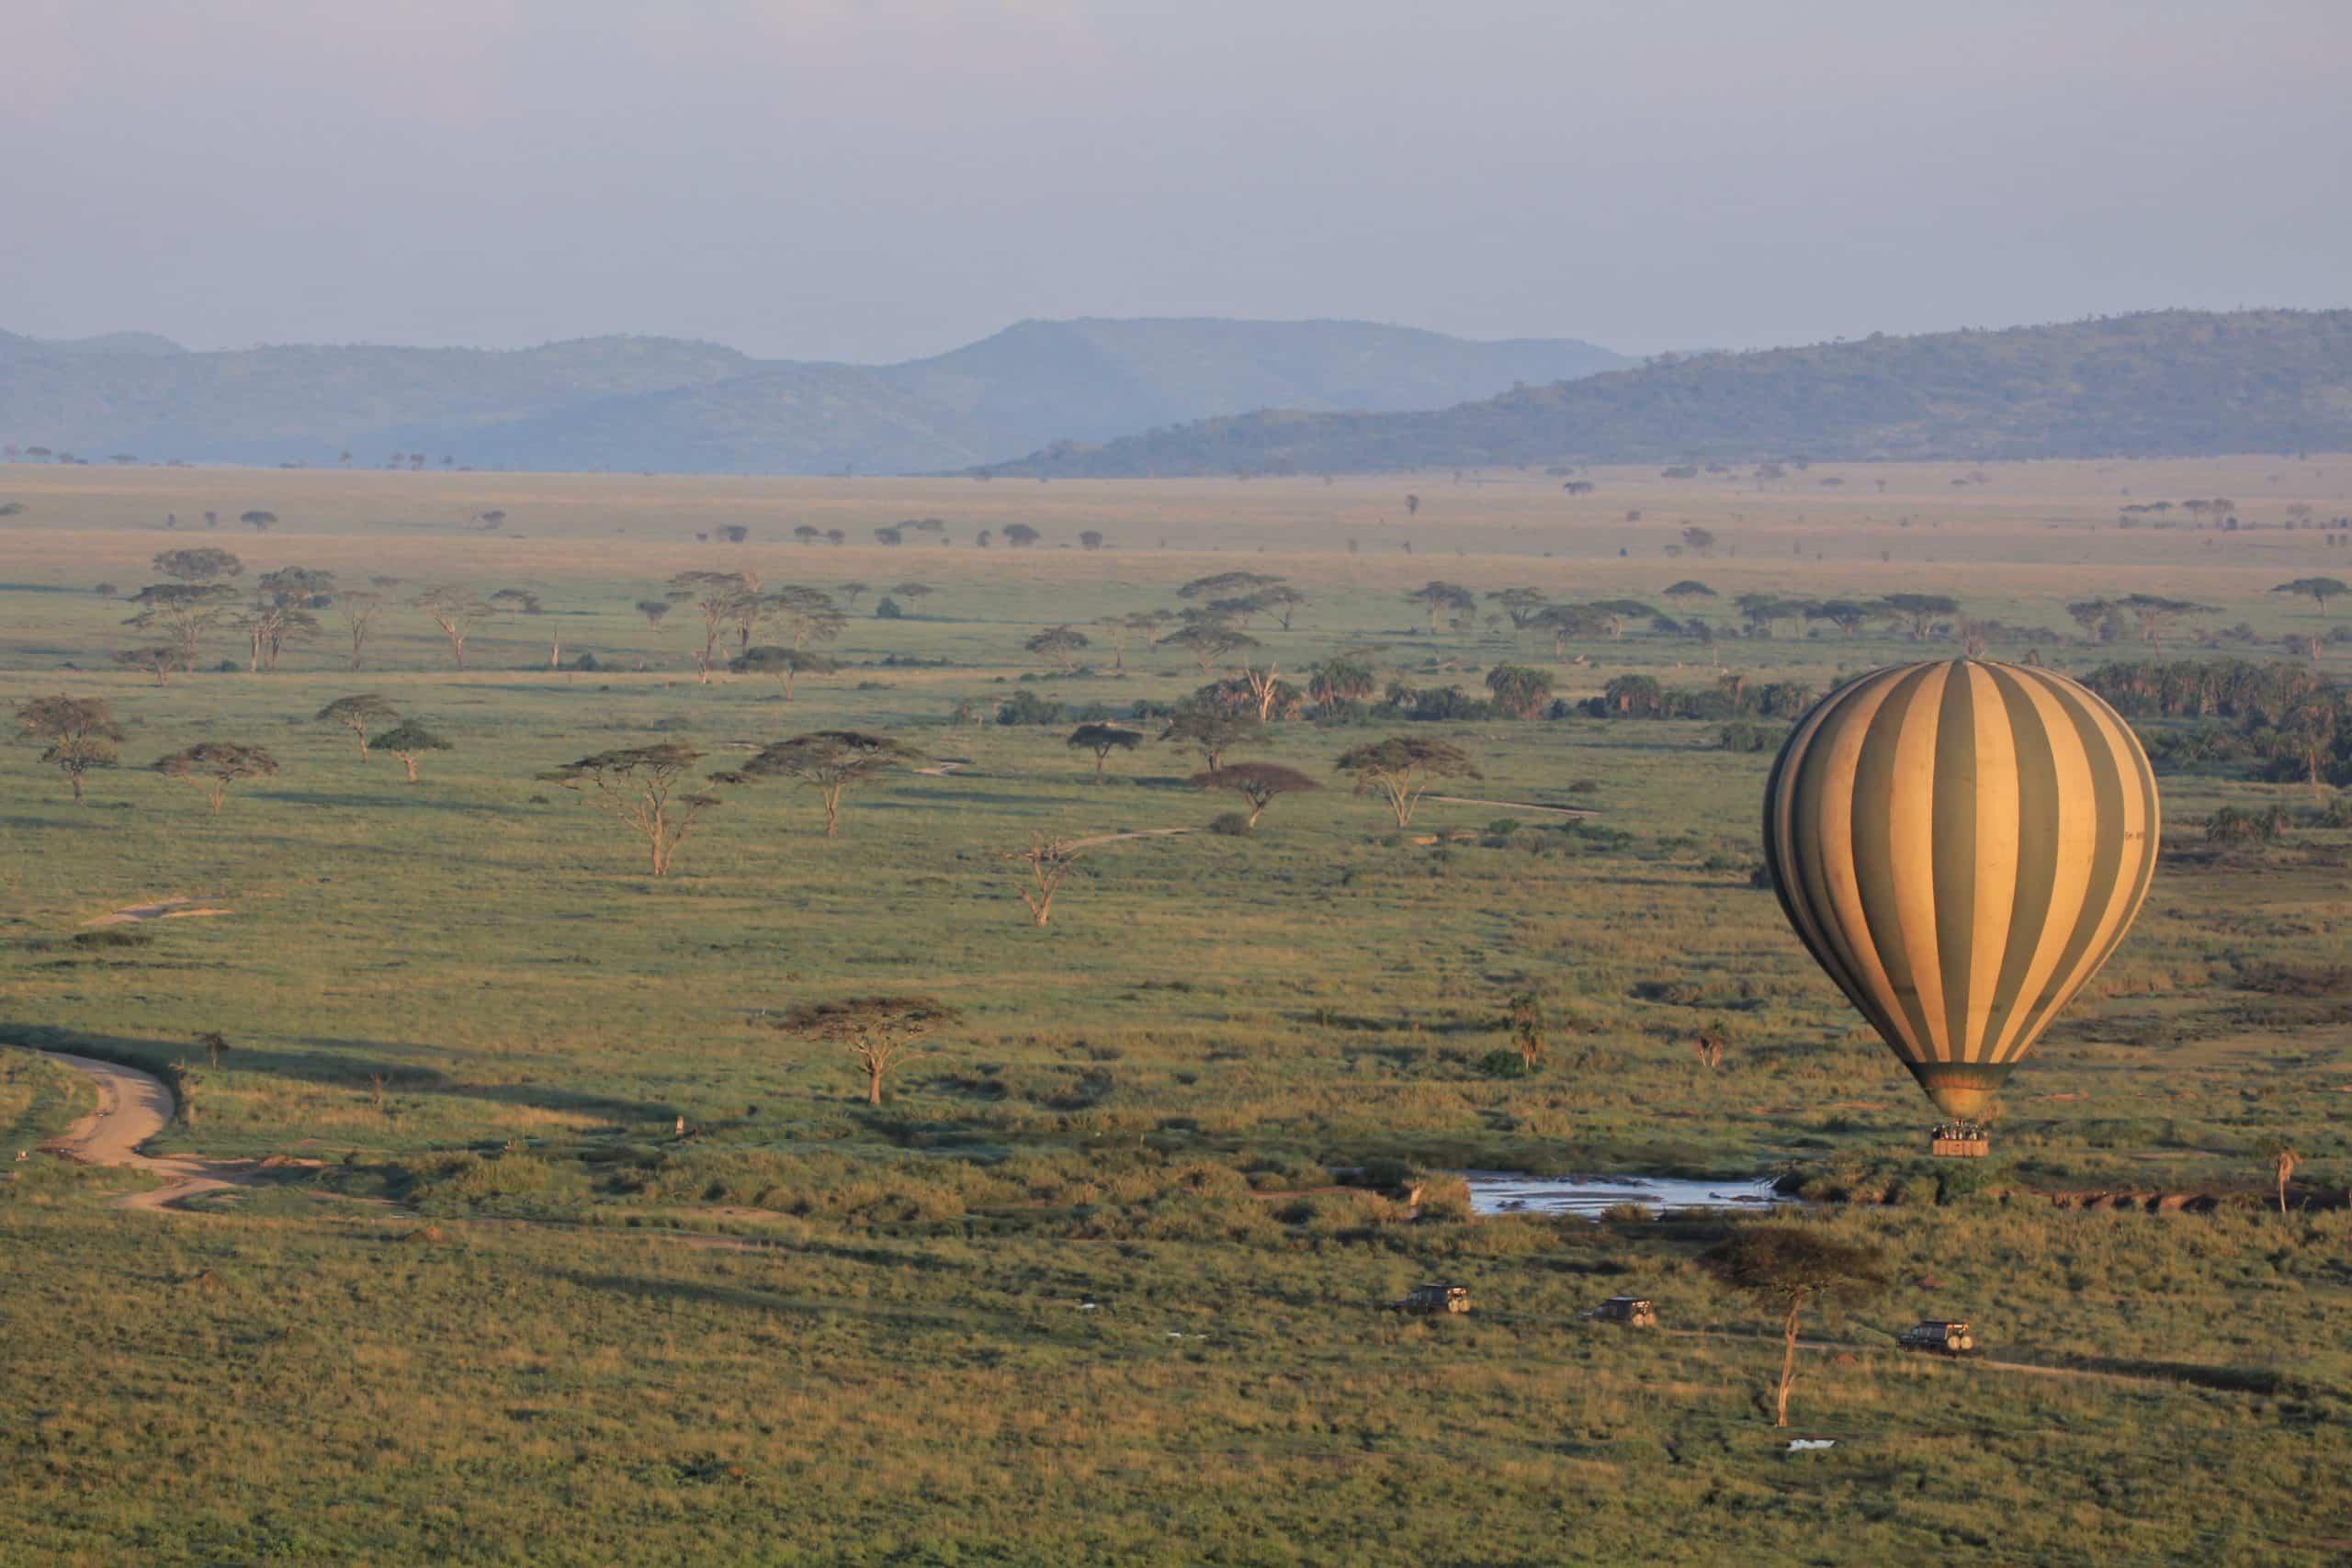 Voo de Balão no Serengeti